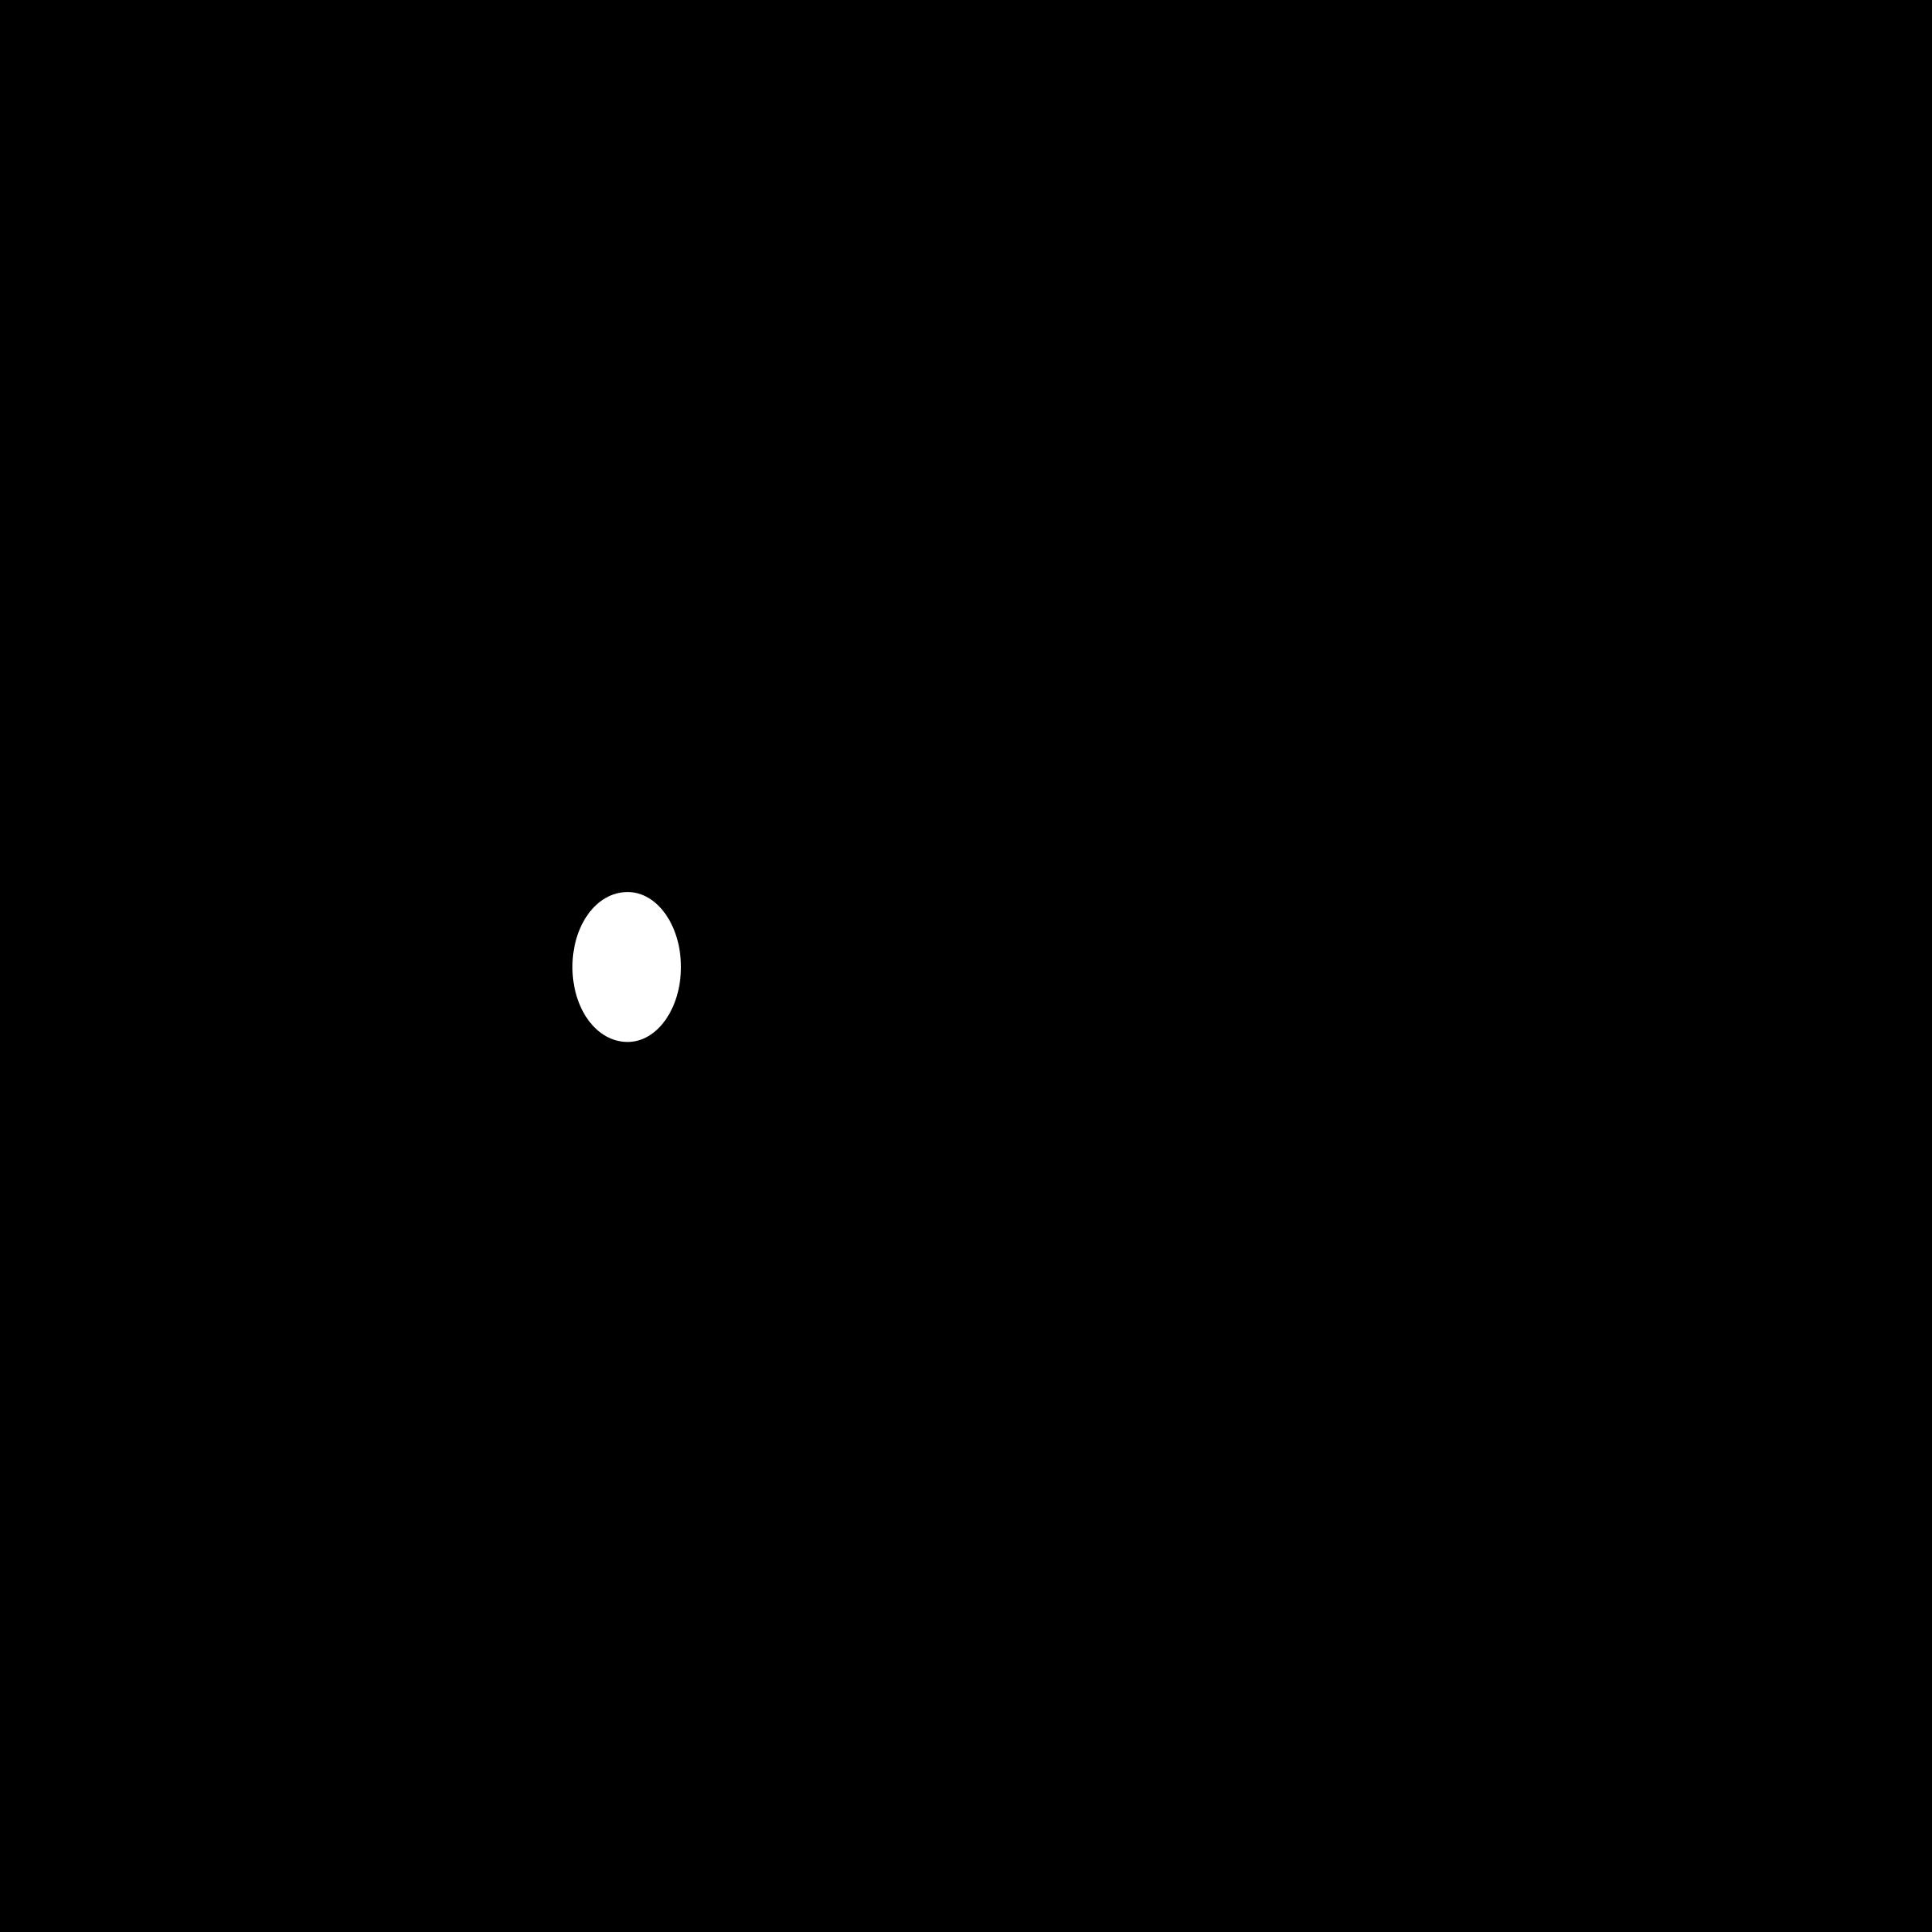 kohls-logo-png-transparent.png